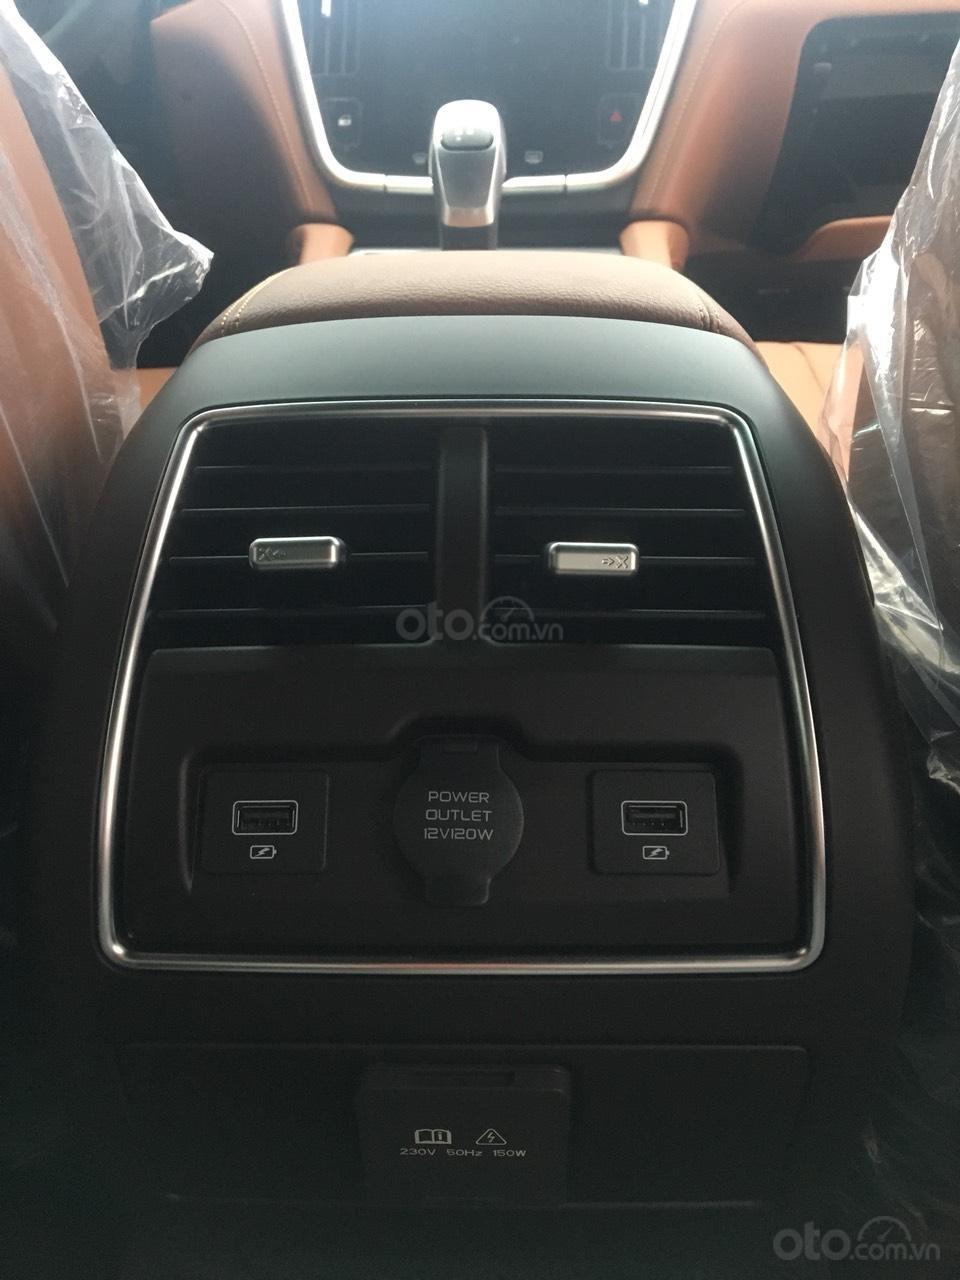 Bán xe VinFast LUX A2.0 full-Da Nappa Nâu 2019, màu bạc 0911234775 em Long (7)